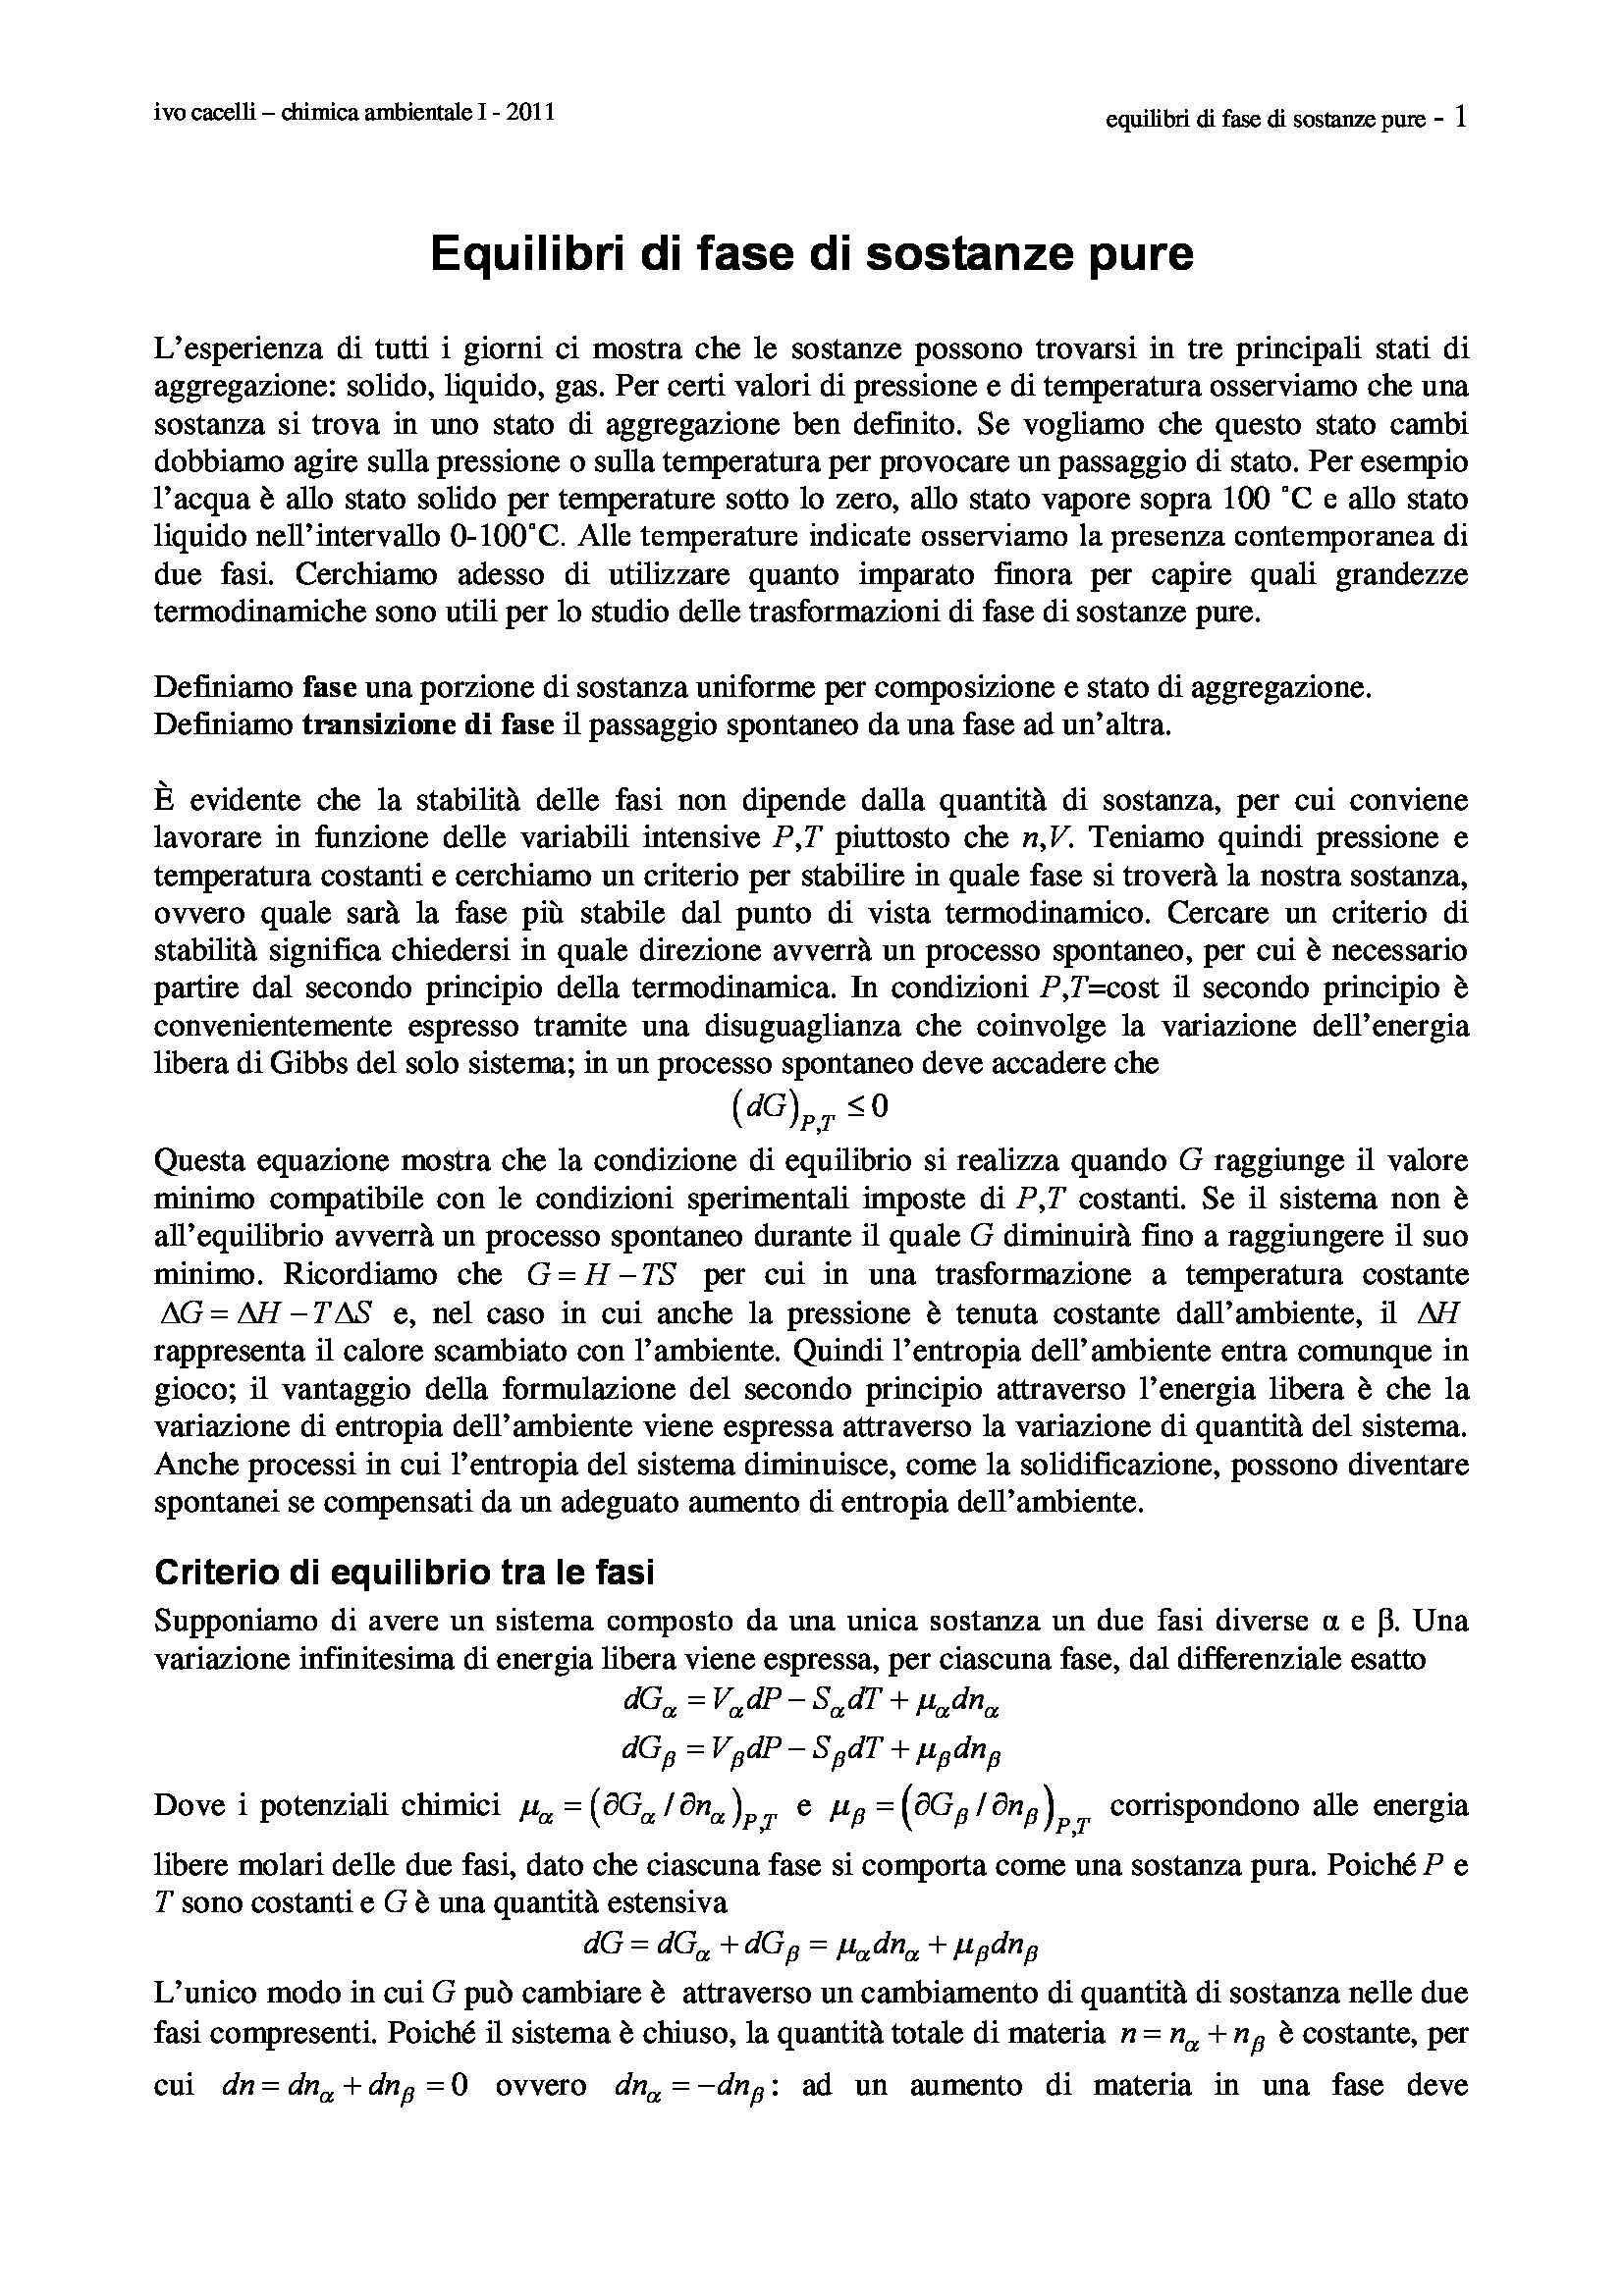 dispensa I. Cacelli Chimica ambientale I